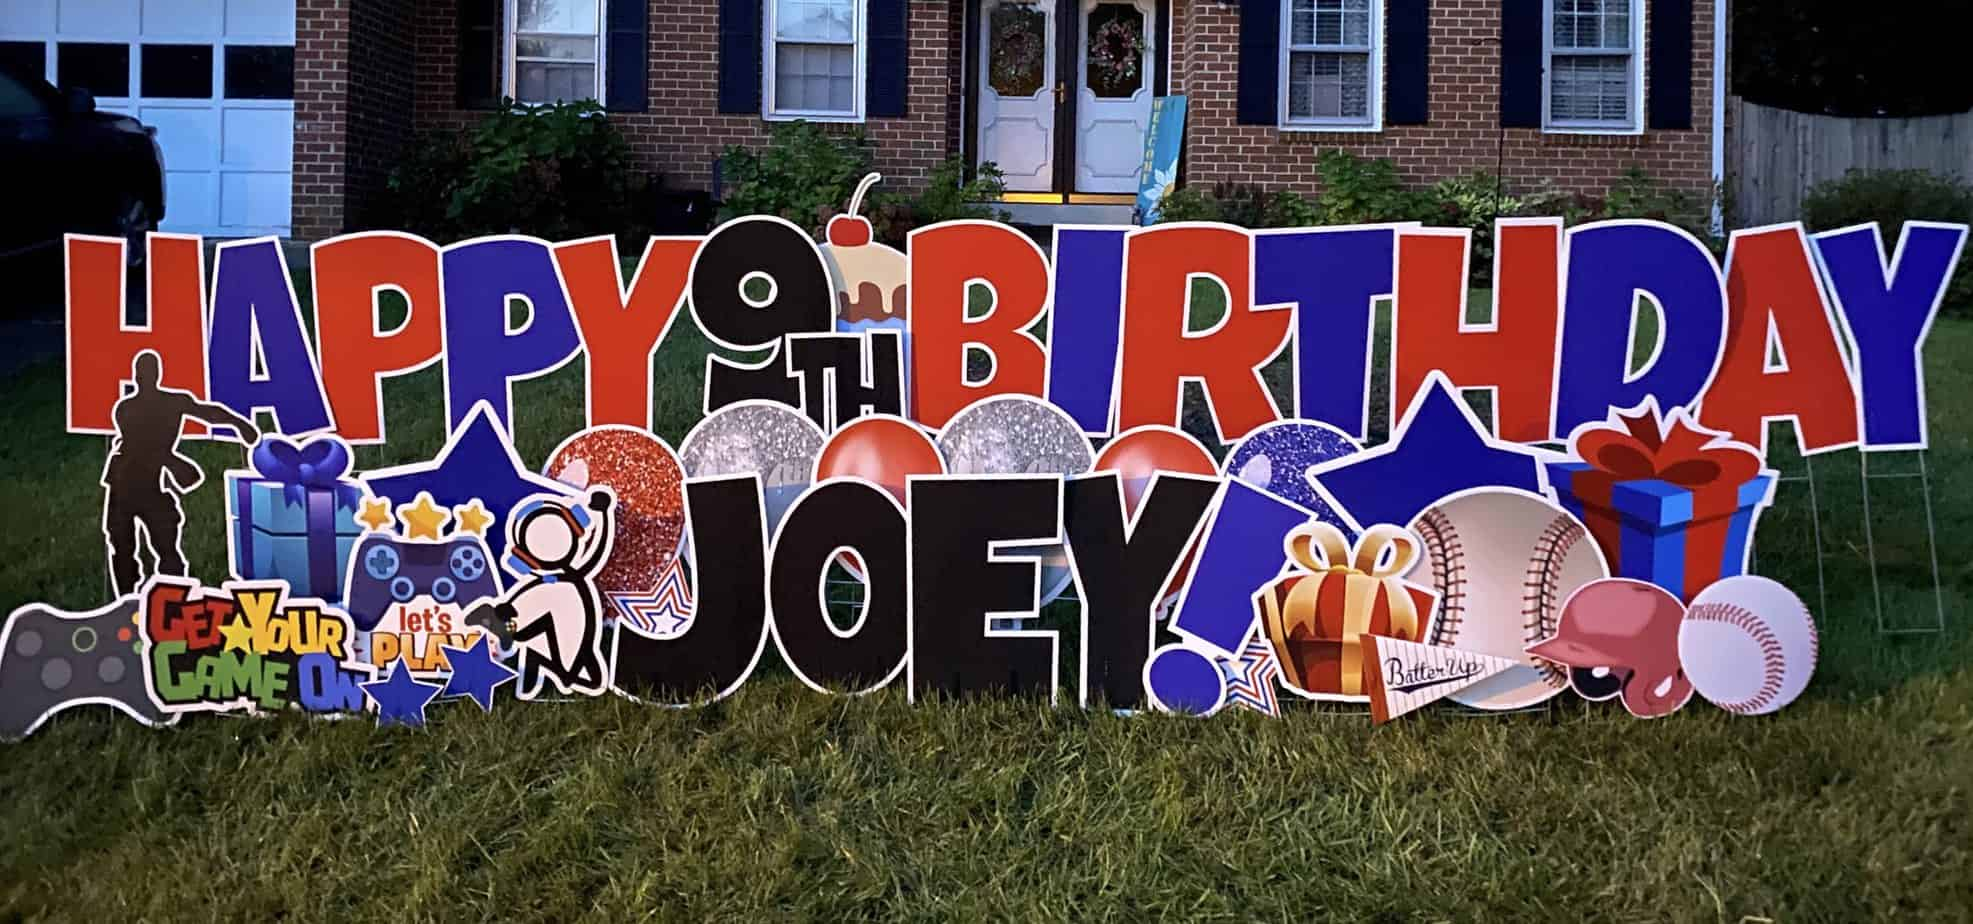 happy birthday yard card alexandria and springfield VA